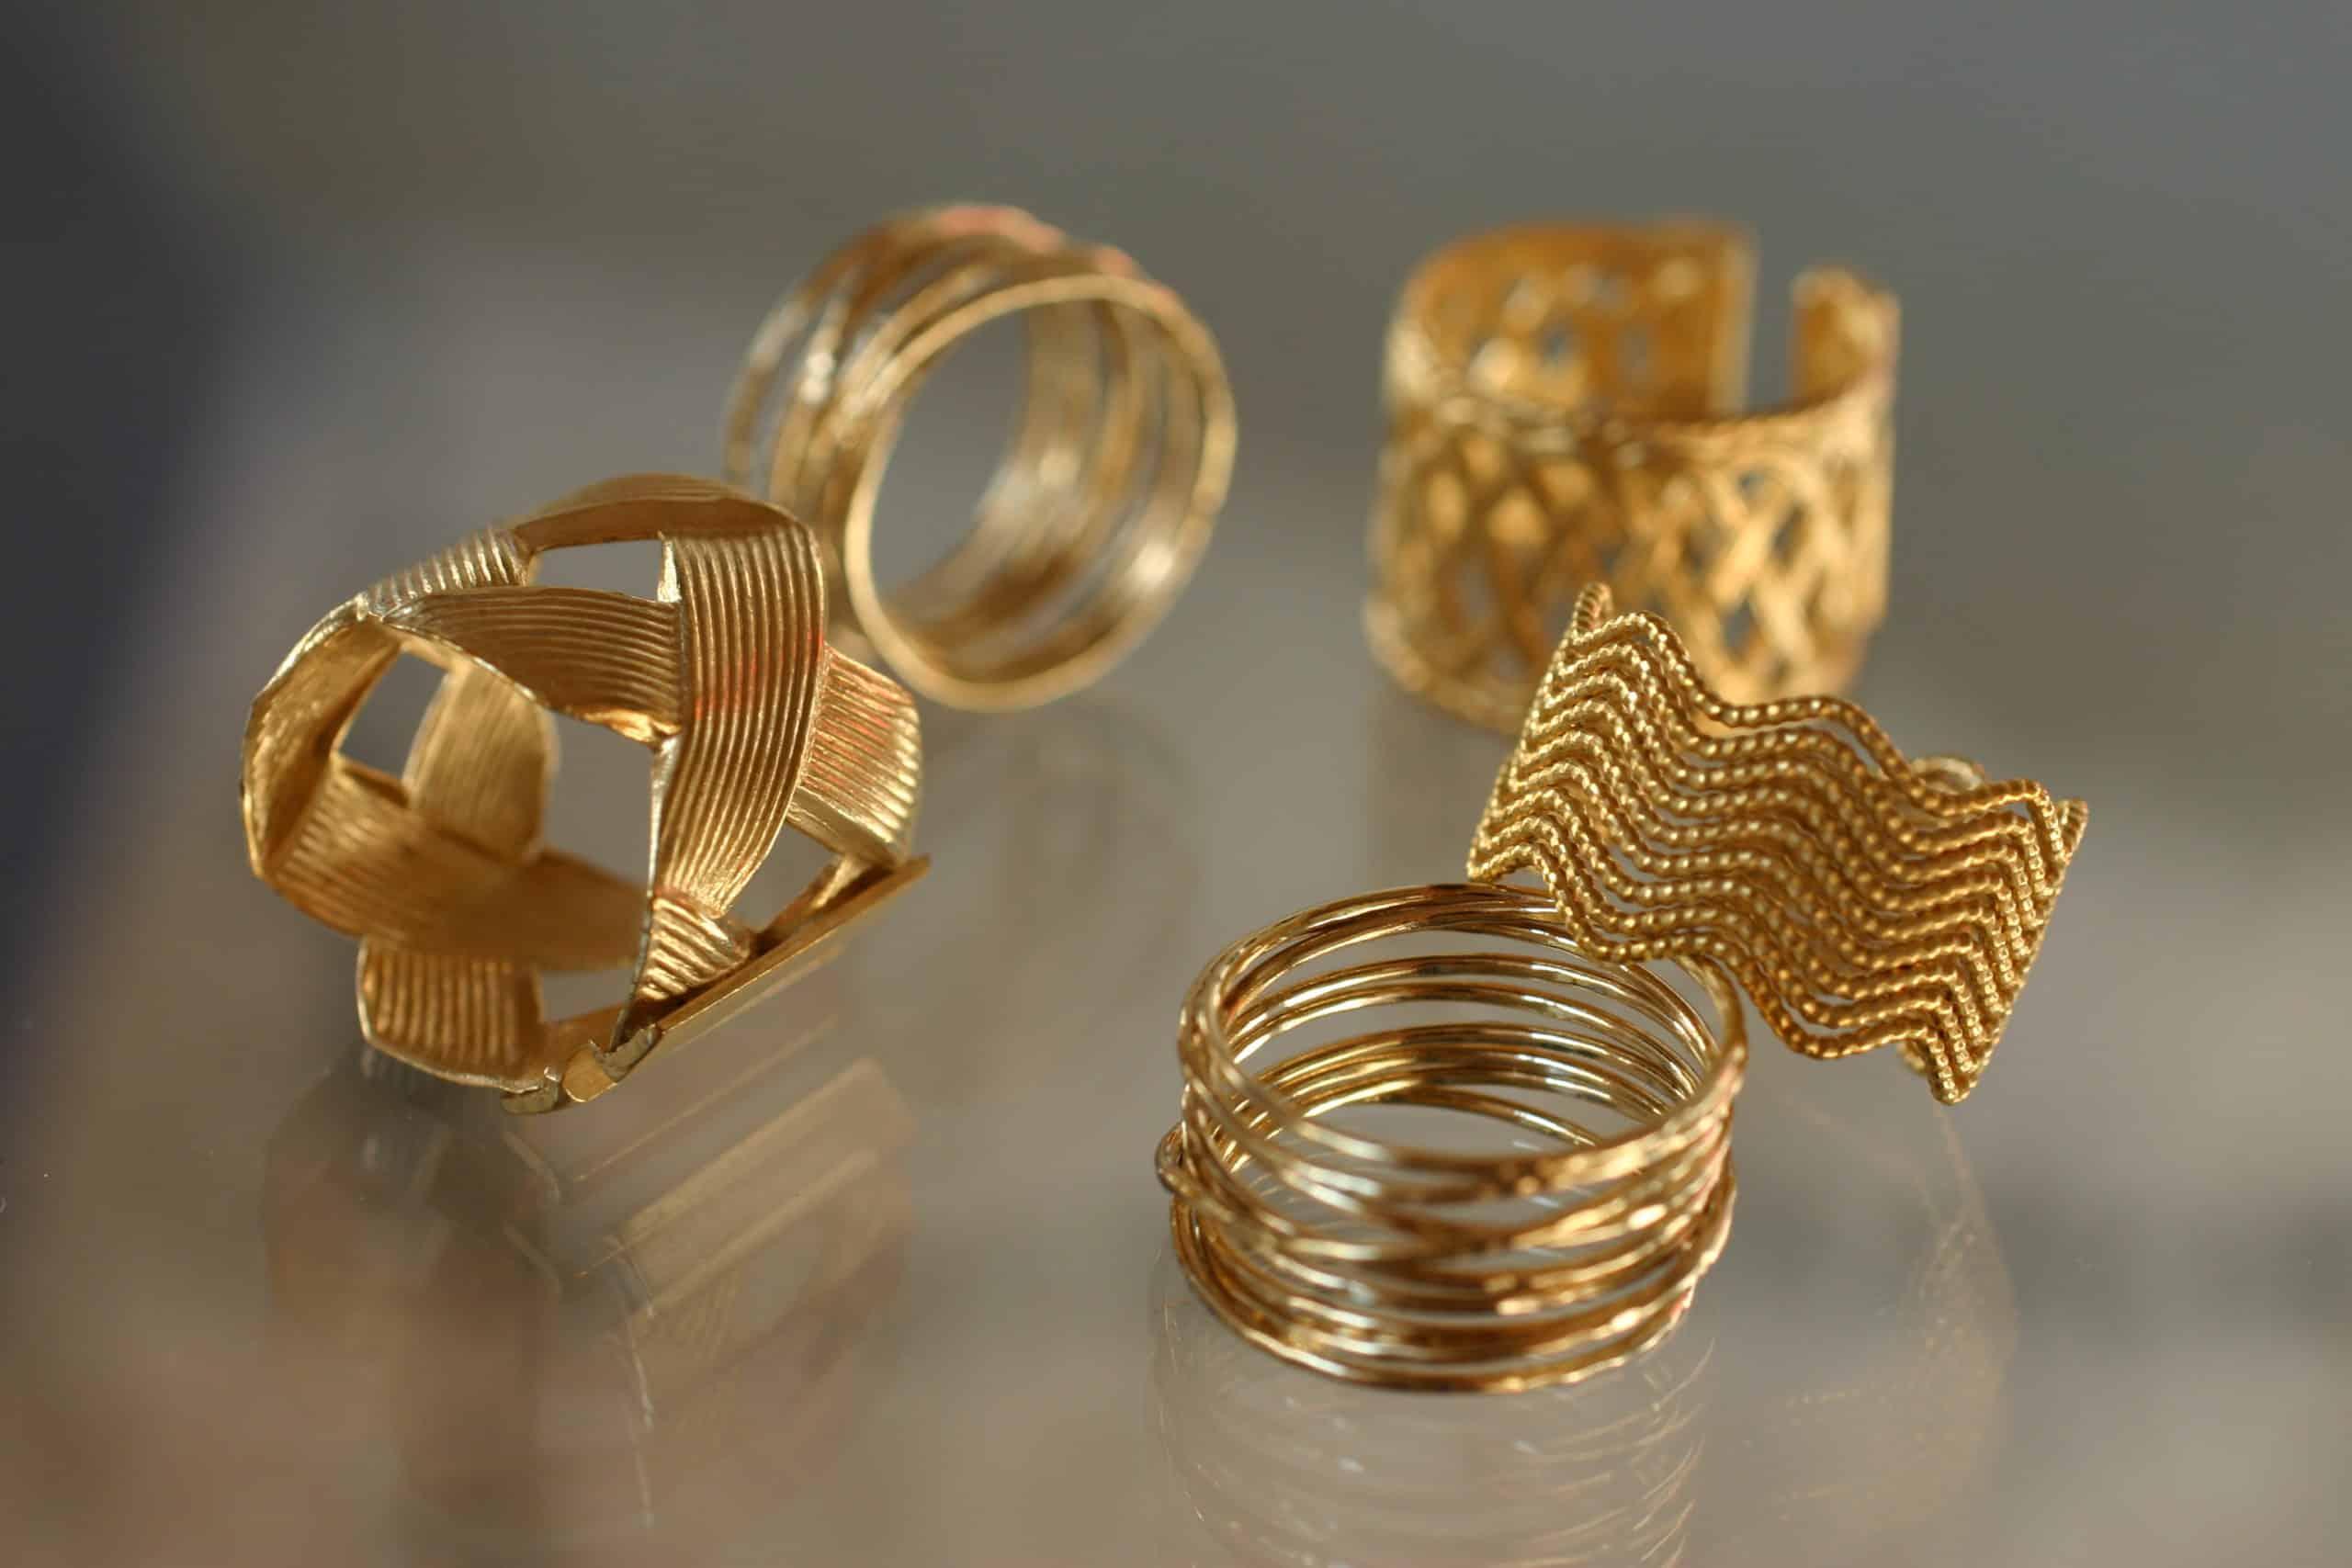 anillo ajustable dorado arcade collection constance complementos joyas moda mujer